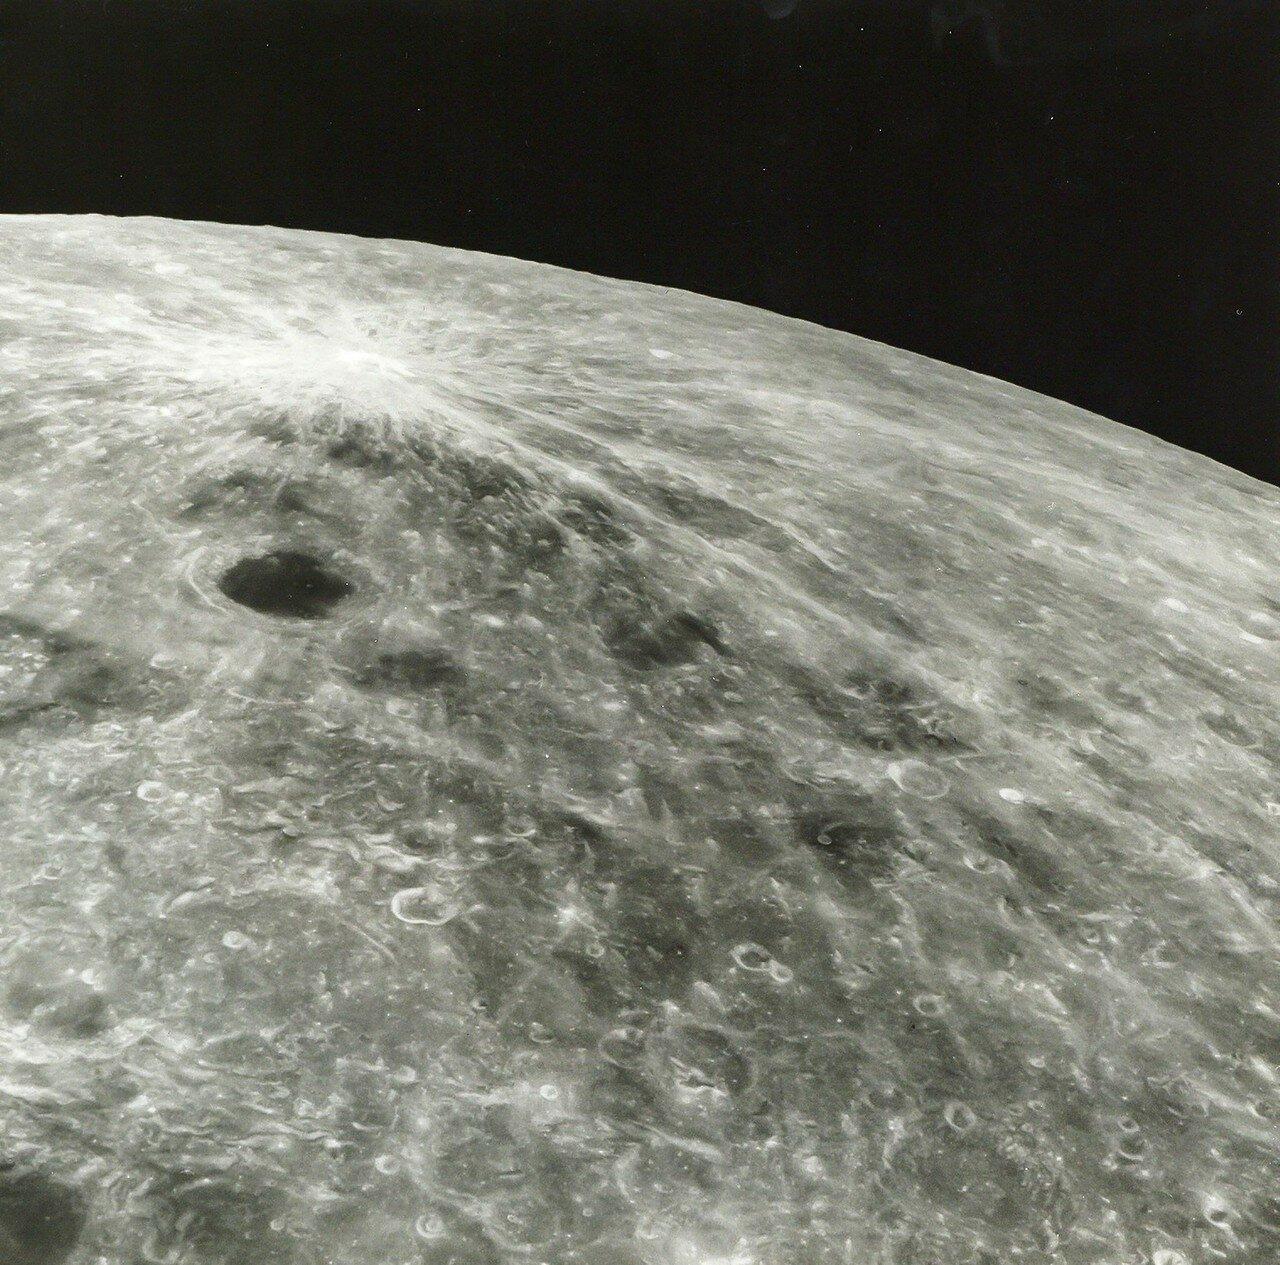 1968, декабрь. Лунный пейзаж возле кратера Джордано Бруно  с борта корабля «Аполлон-8»